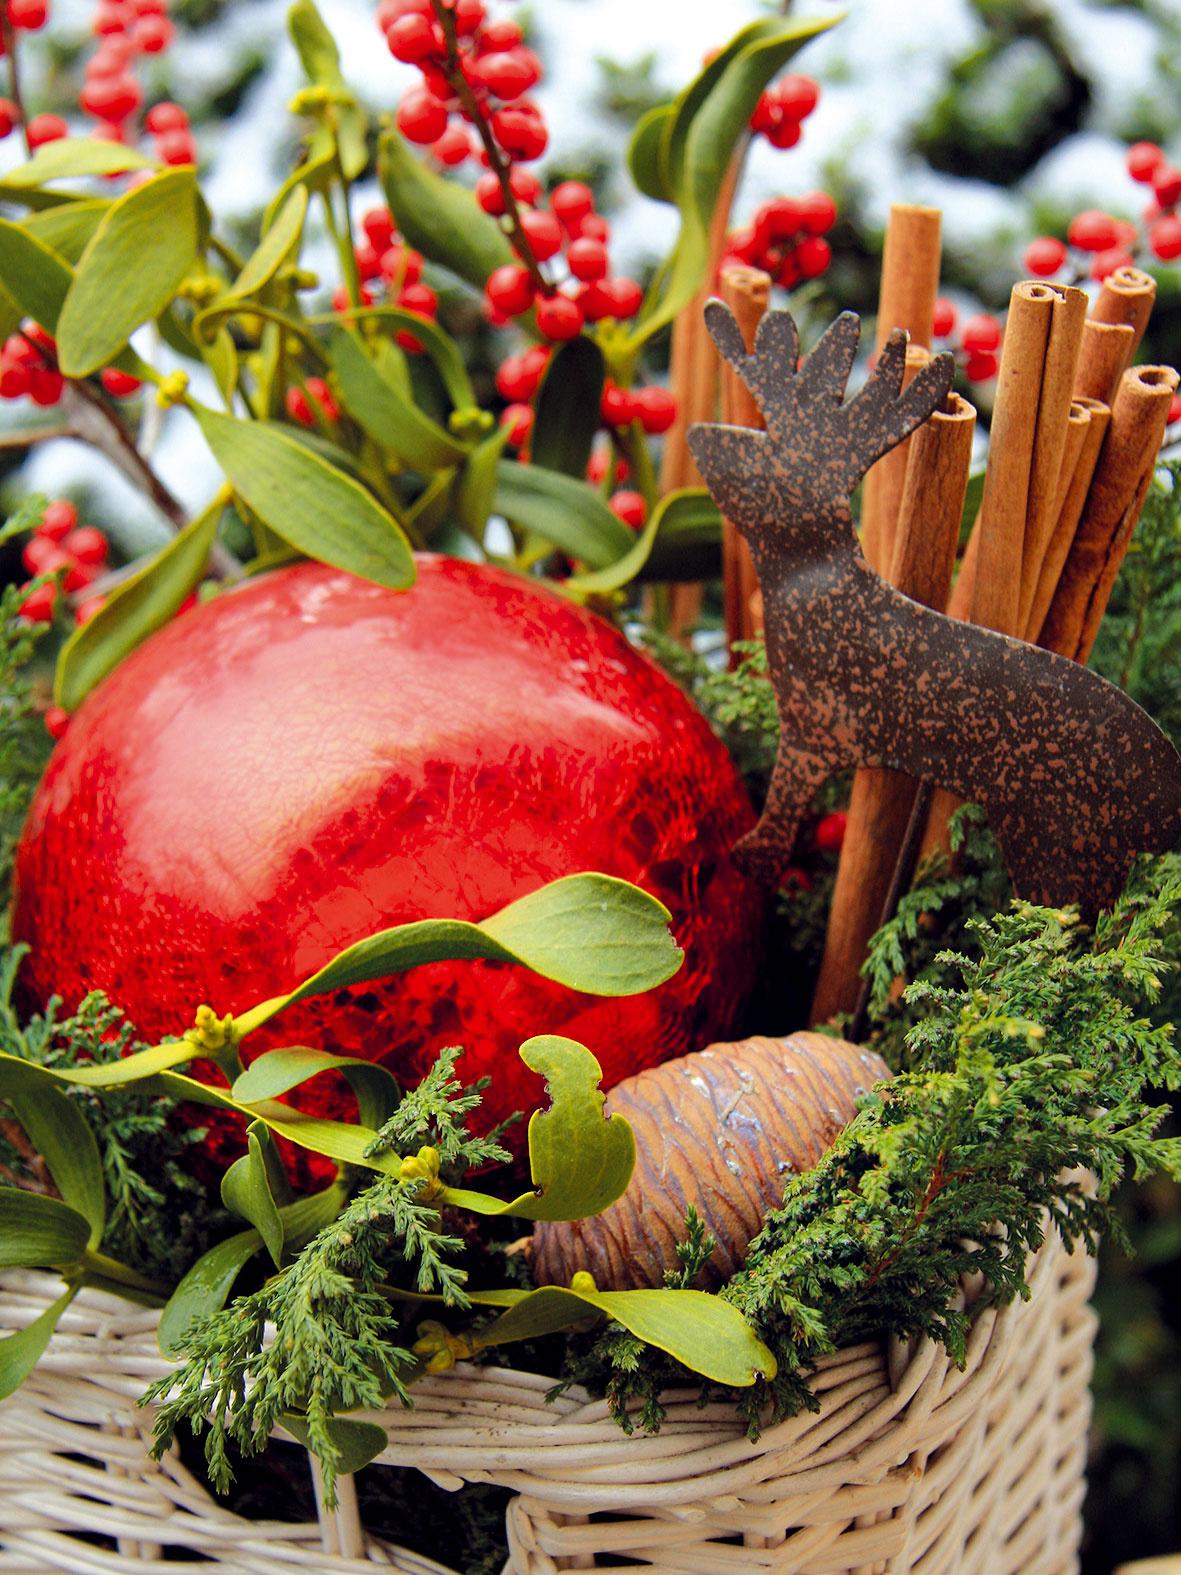 Zimné dekorácie   Vľúdnosť azaujímavosť môžu do záhrady priniesť aj drobné dekorácie, ktoré vnej môžete vprimeranom množstve rozmiestniť. Mali by harmonizovať so štýlom záhrady amať skôr prírodný charakter. Stačí, keď drôtený či prútený košík naplníte šiškami alebo kokosovými orechmi, prípadne machom či kôrou, apostavíte ho na viditeľné miesto – ideálne pred stenu zbrečtanu či iných vždyzelených rastlín. Farebnosť takejto kompozícii dodajú staré vianočné ozdoby či farebné sklené gule. Skladbu použitých prírodnín môžete počas zimy podľa nálady meniť.